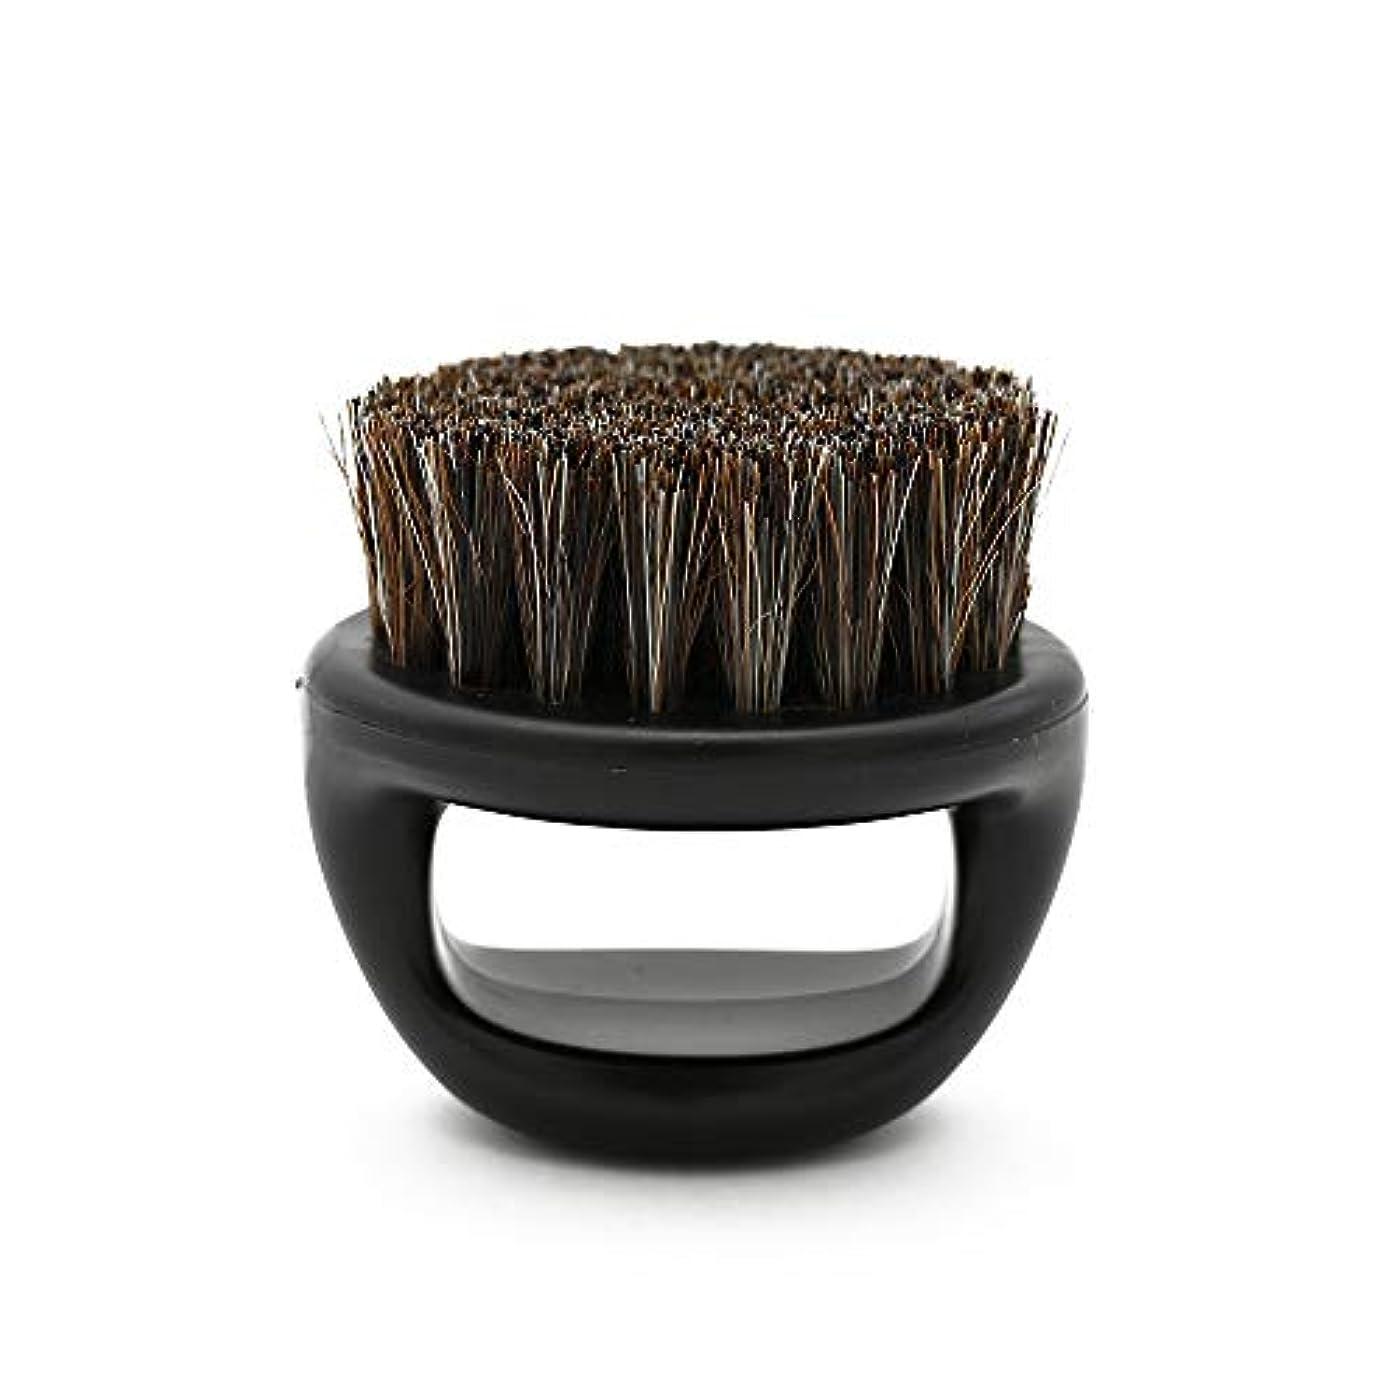 序文トロピカル咳CUHAWUDBA 1個リングデザイン馬毛メンズシェービングブラシプラスチック製の可搬式理容ひげブラシサロンフェイスクリーニングかみそりブラシ(ブラック)